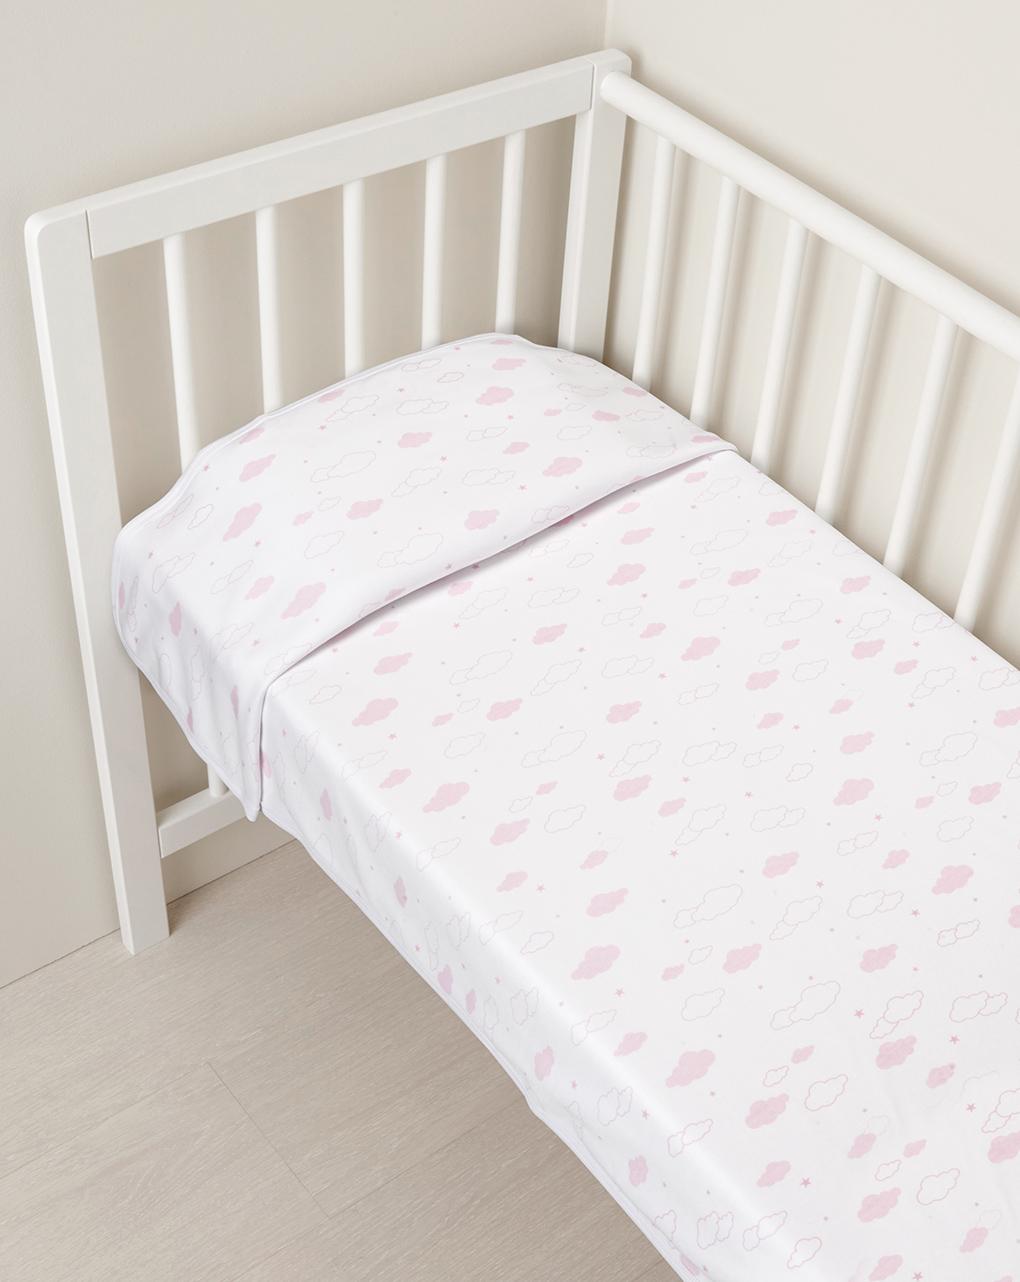 Κουβέρτα με Ροζ Σύννεφα για Κορίτσι - one size